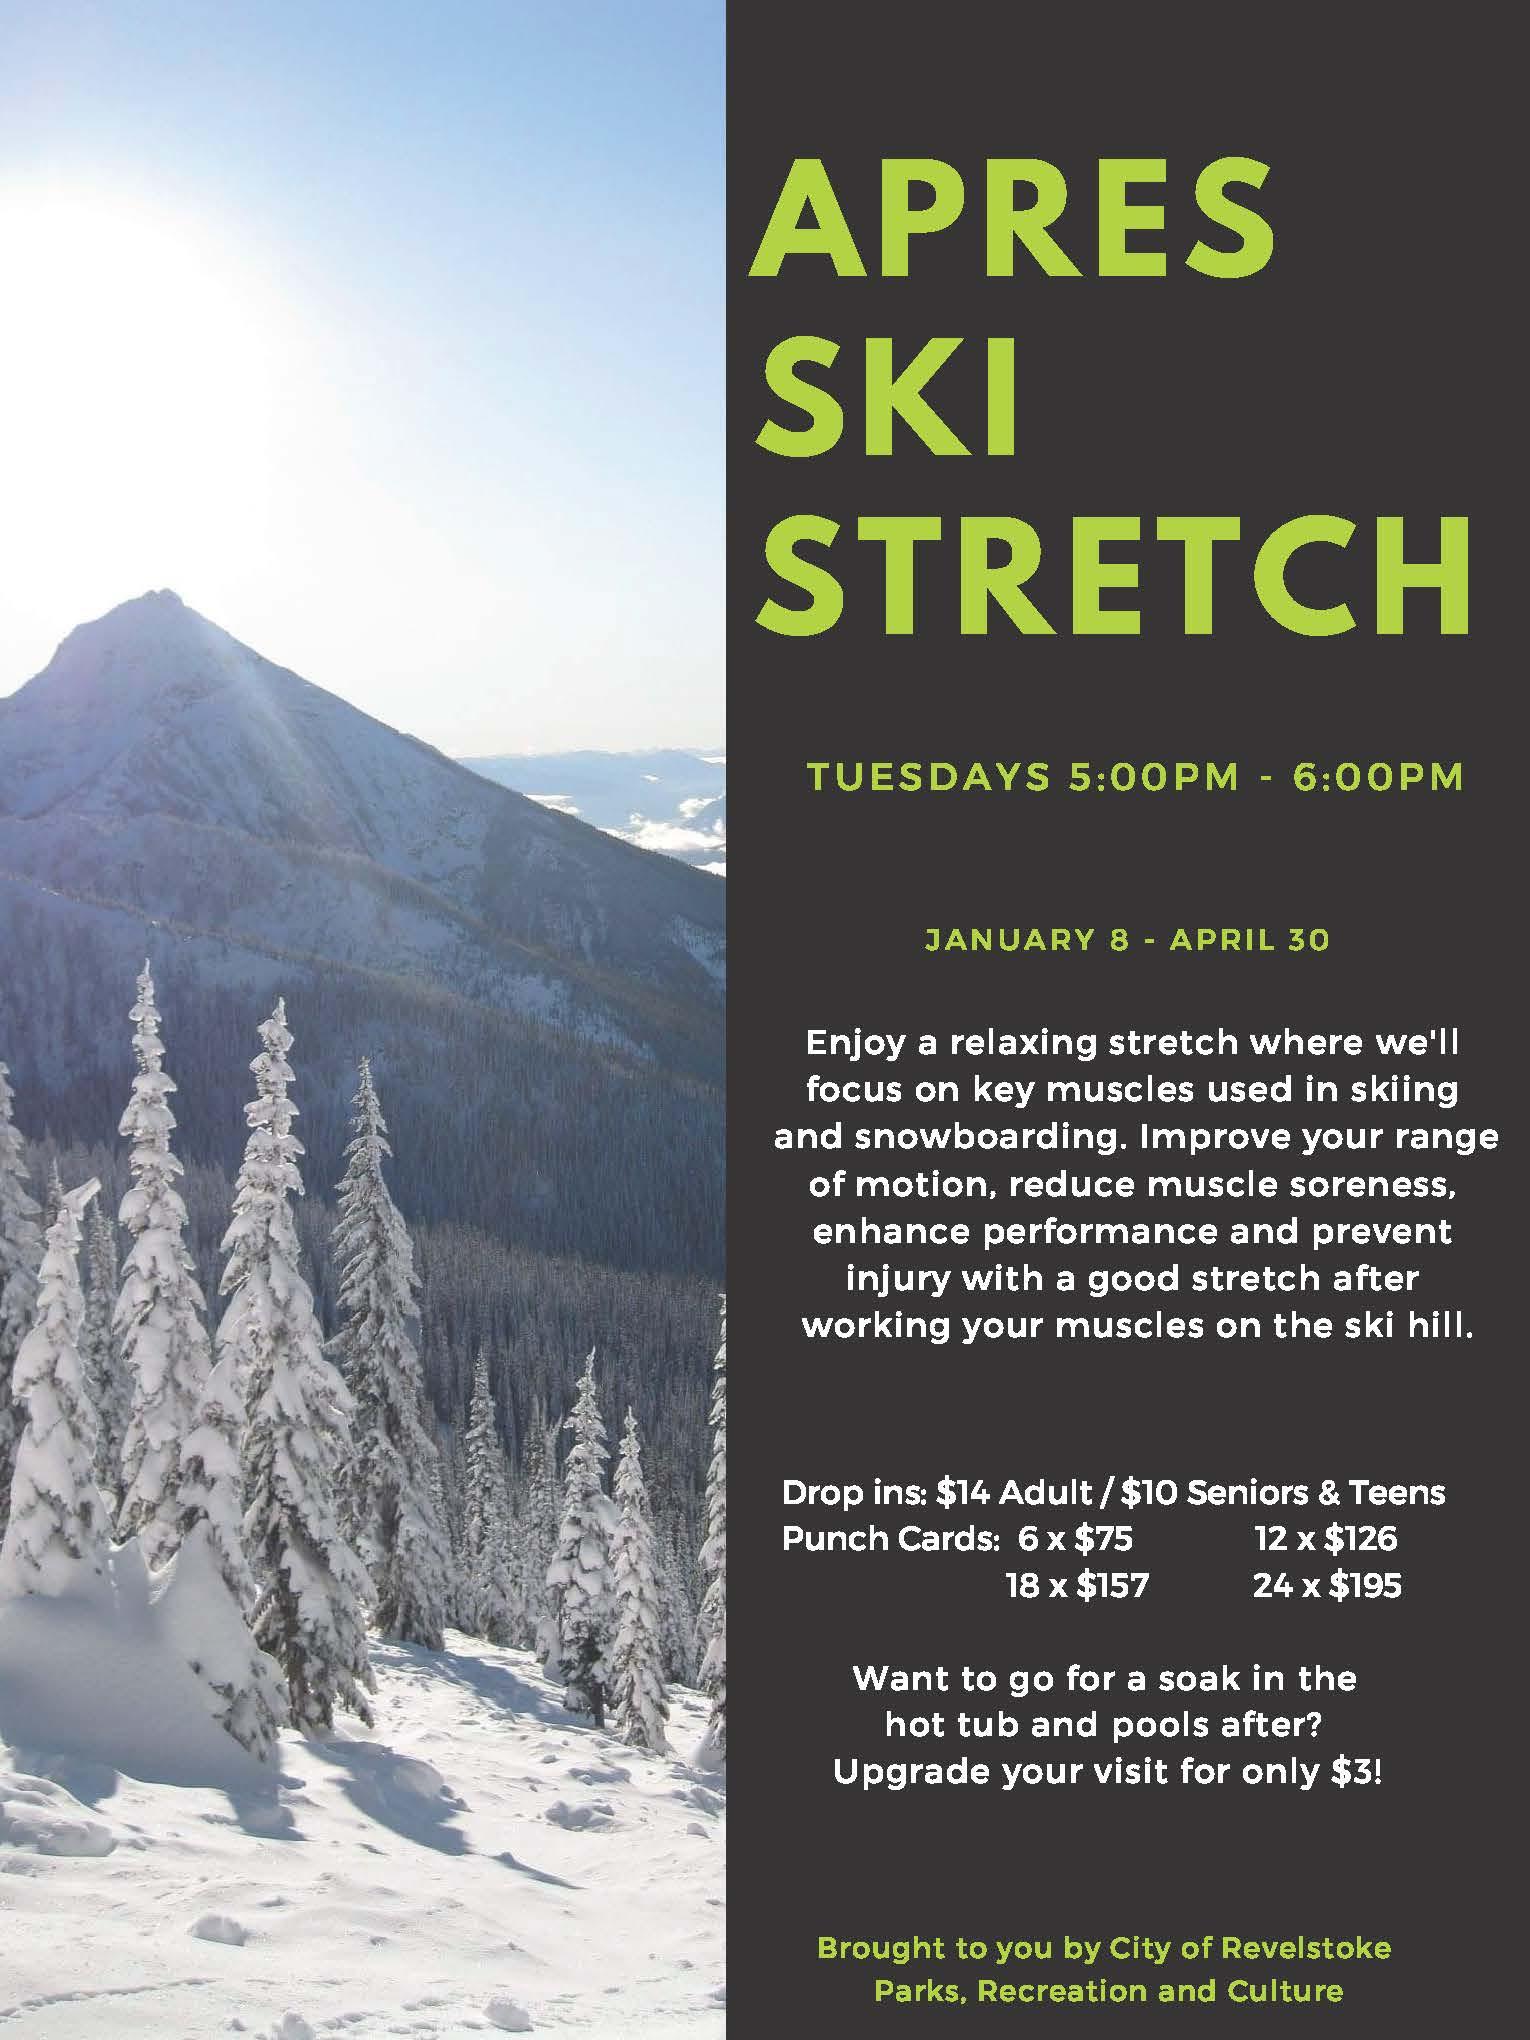 Apres Ski Stretch @ Community Centre |  |  |